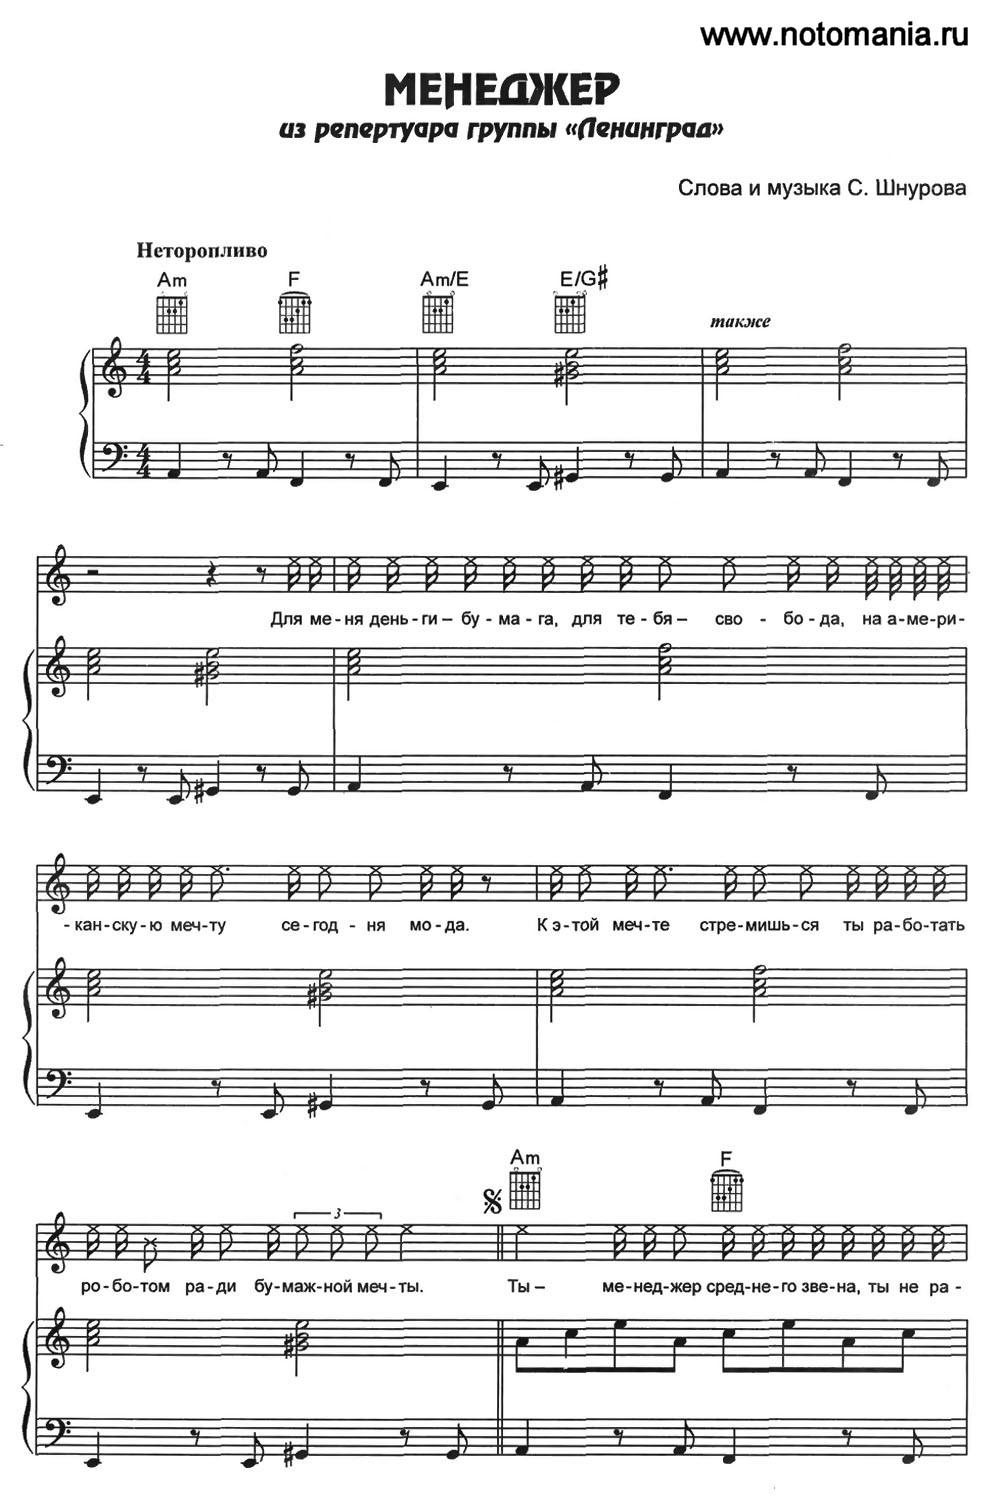 Рубль мне похуй аккорды